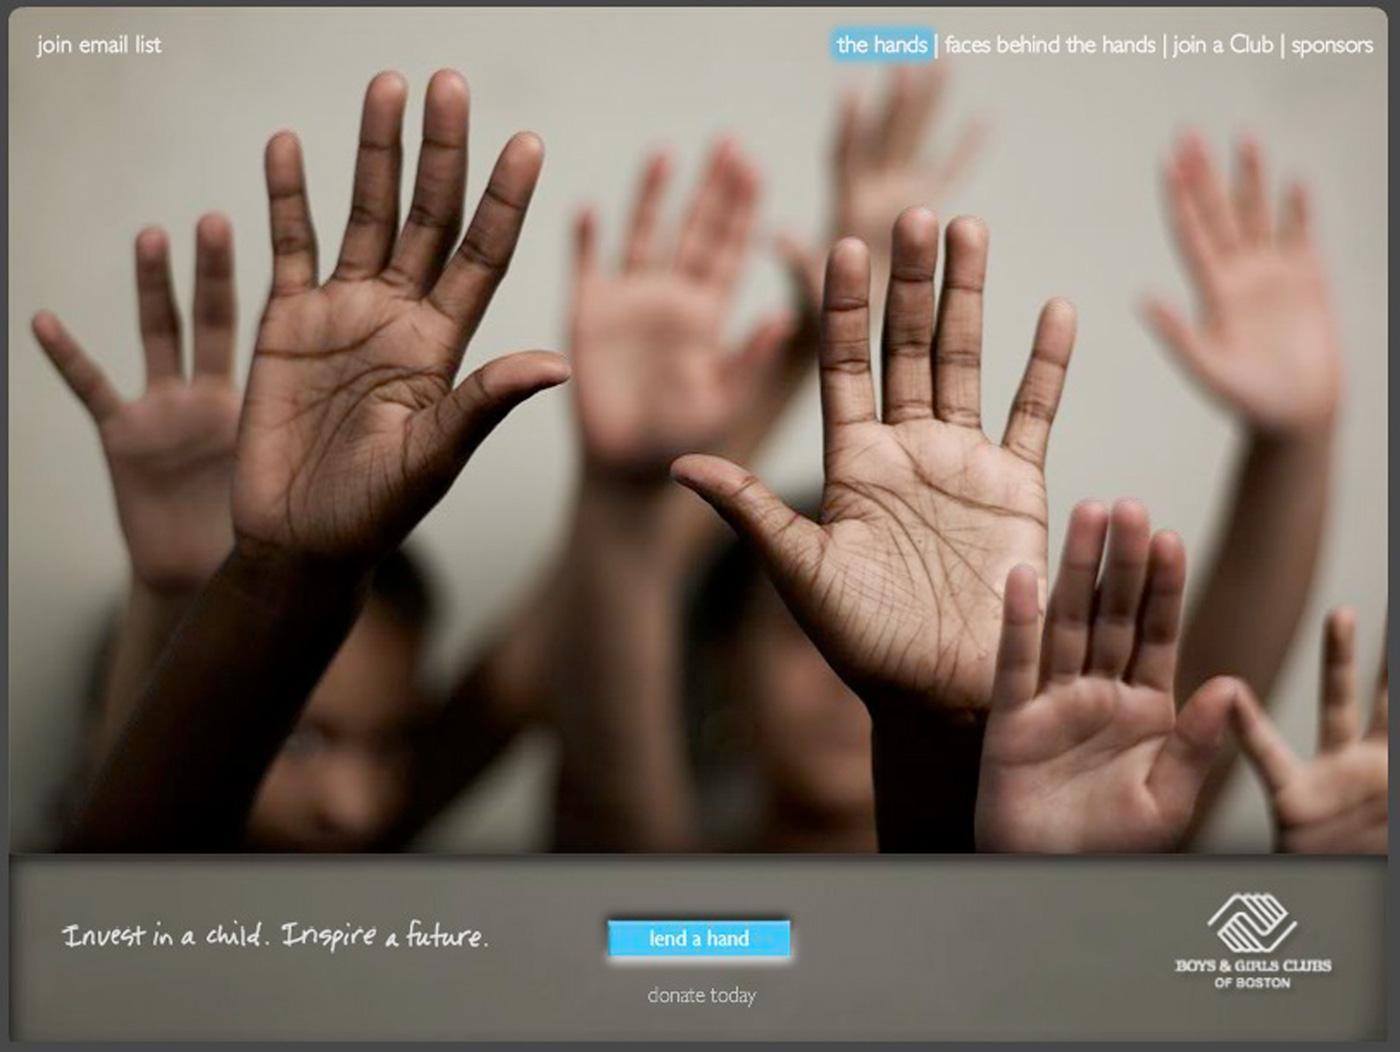 Boys and Girls Club of Boston Digital Ad -  Lend a hand